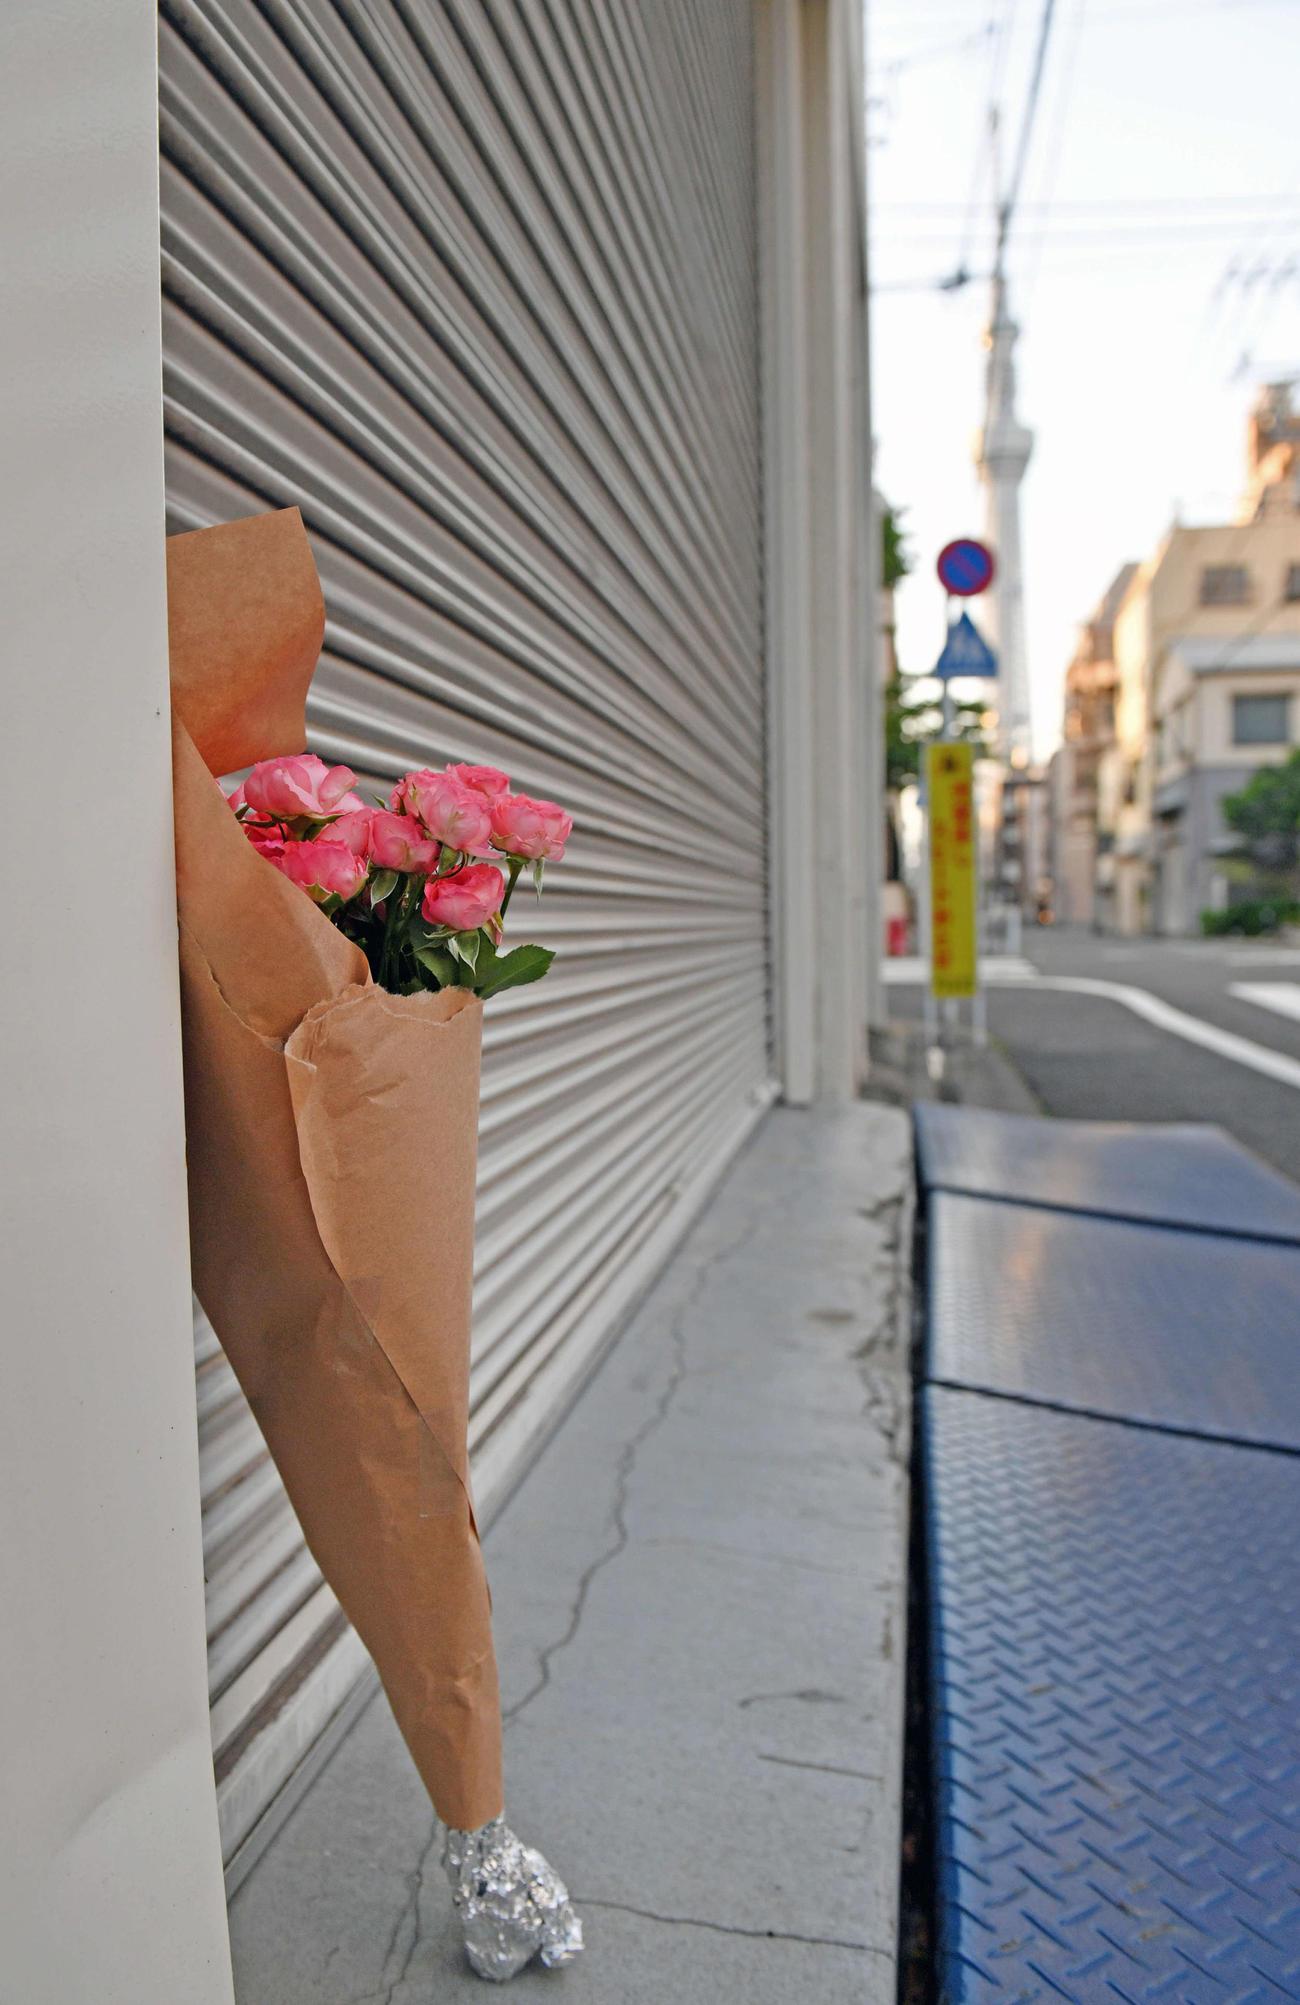 木村さんが所属するスターダムの道場前には、ピンクの花束が置かれていた(撮影・滝沢徹郎)